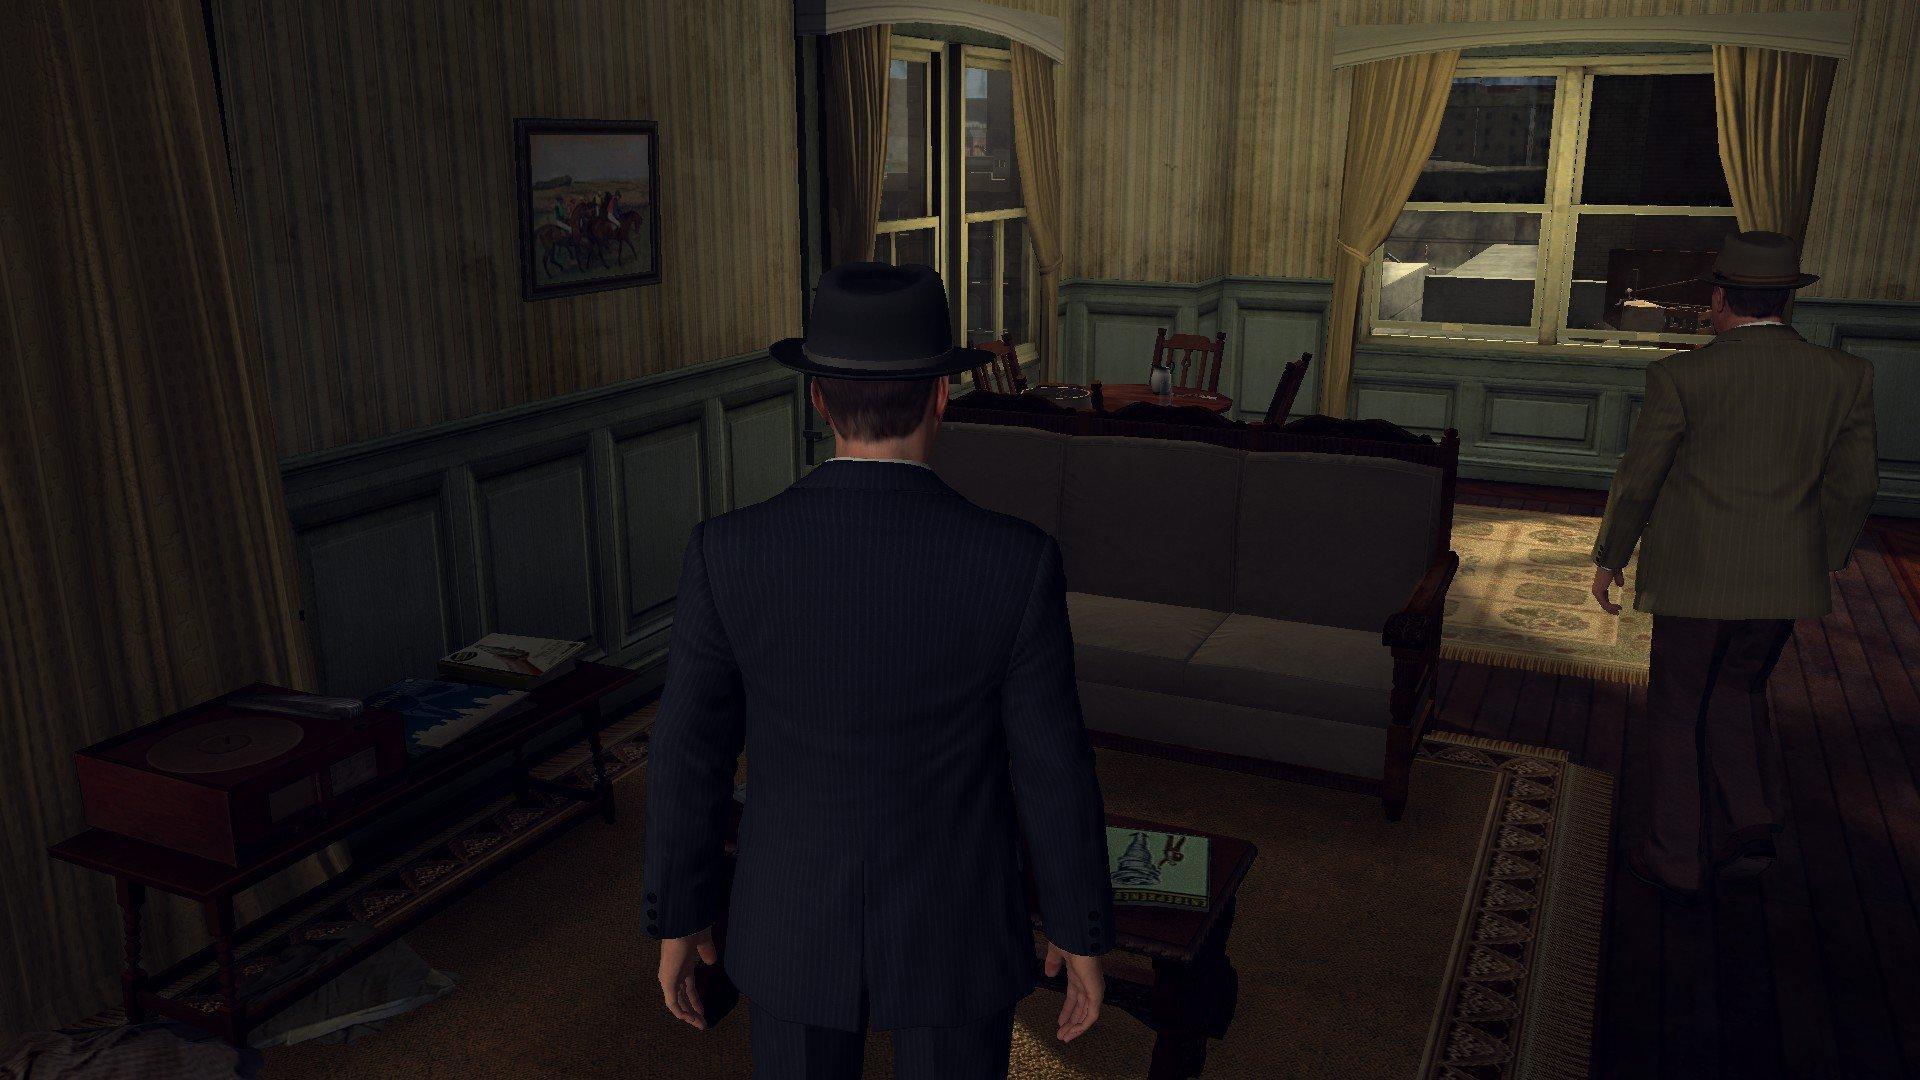 Пост-прохождение L.A. Noire Часть 8 - Изображение 56